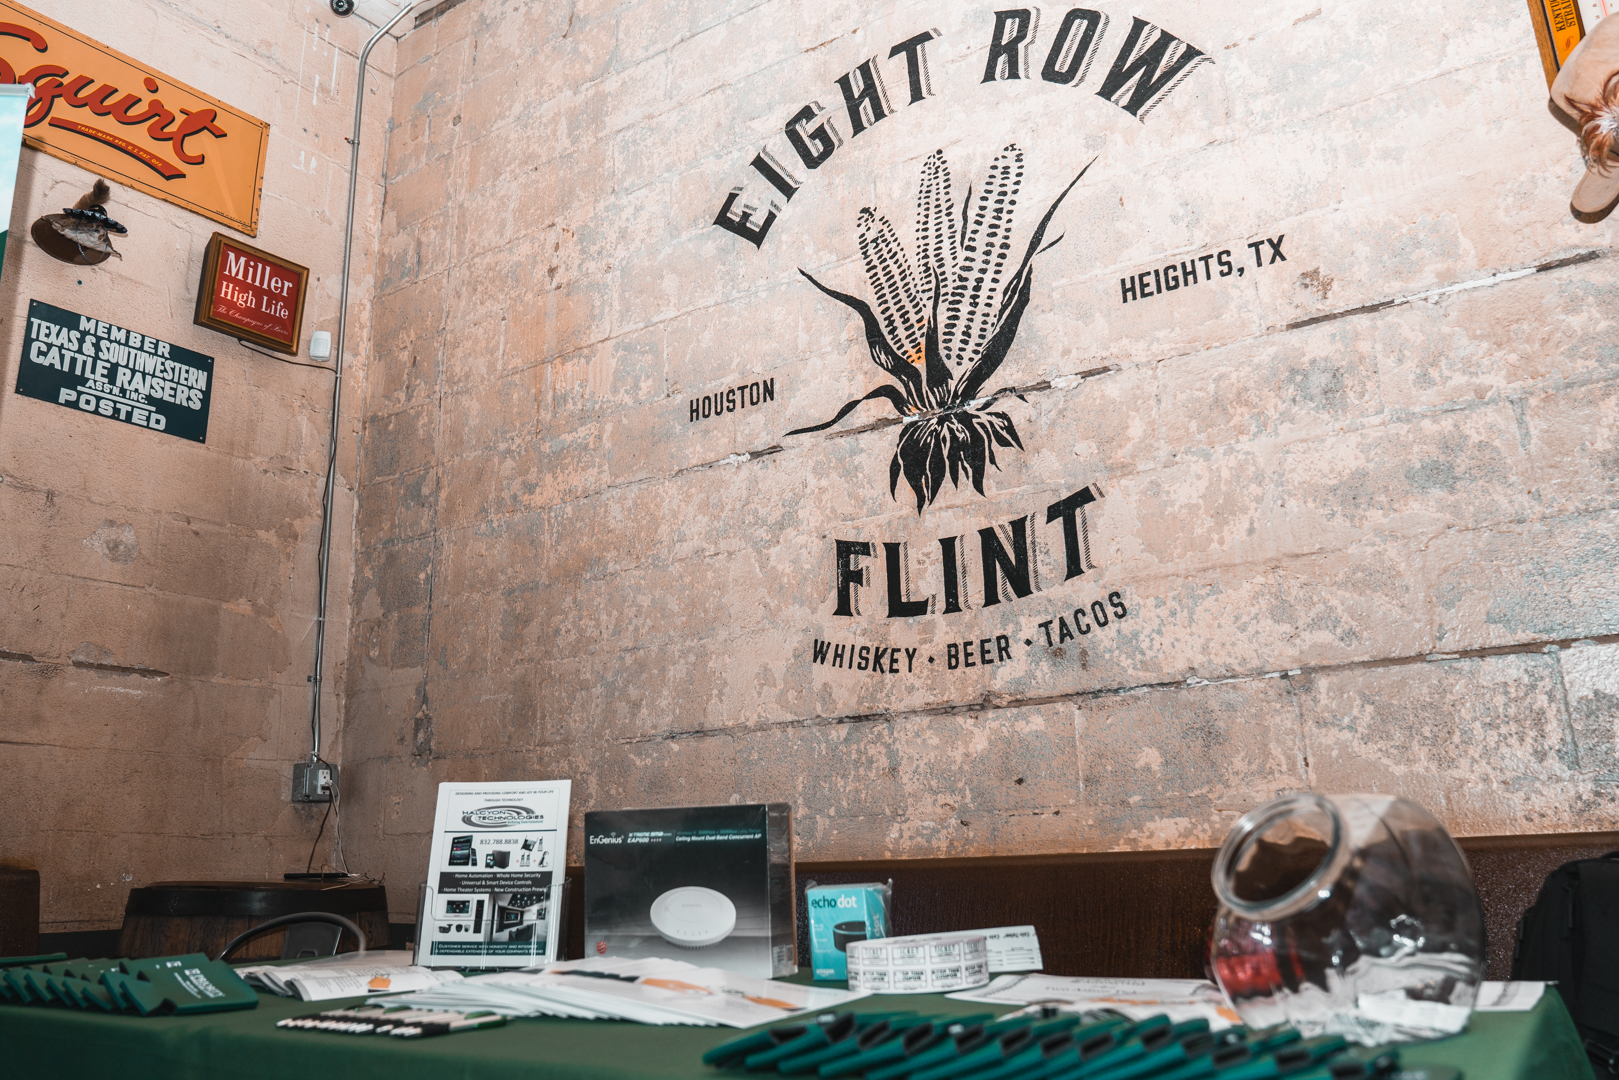 Eight Row Flint 5-18-04480.jpg